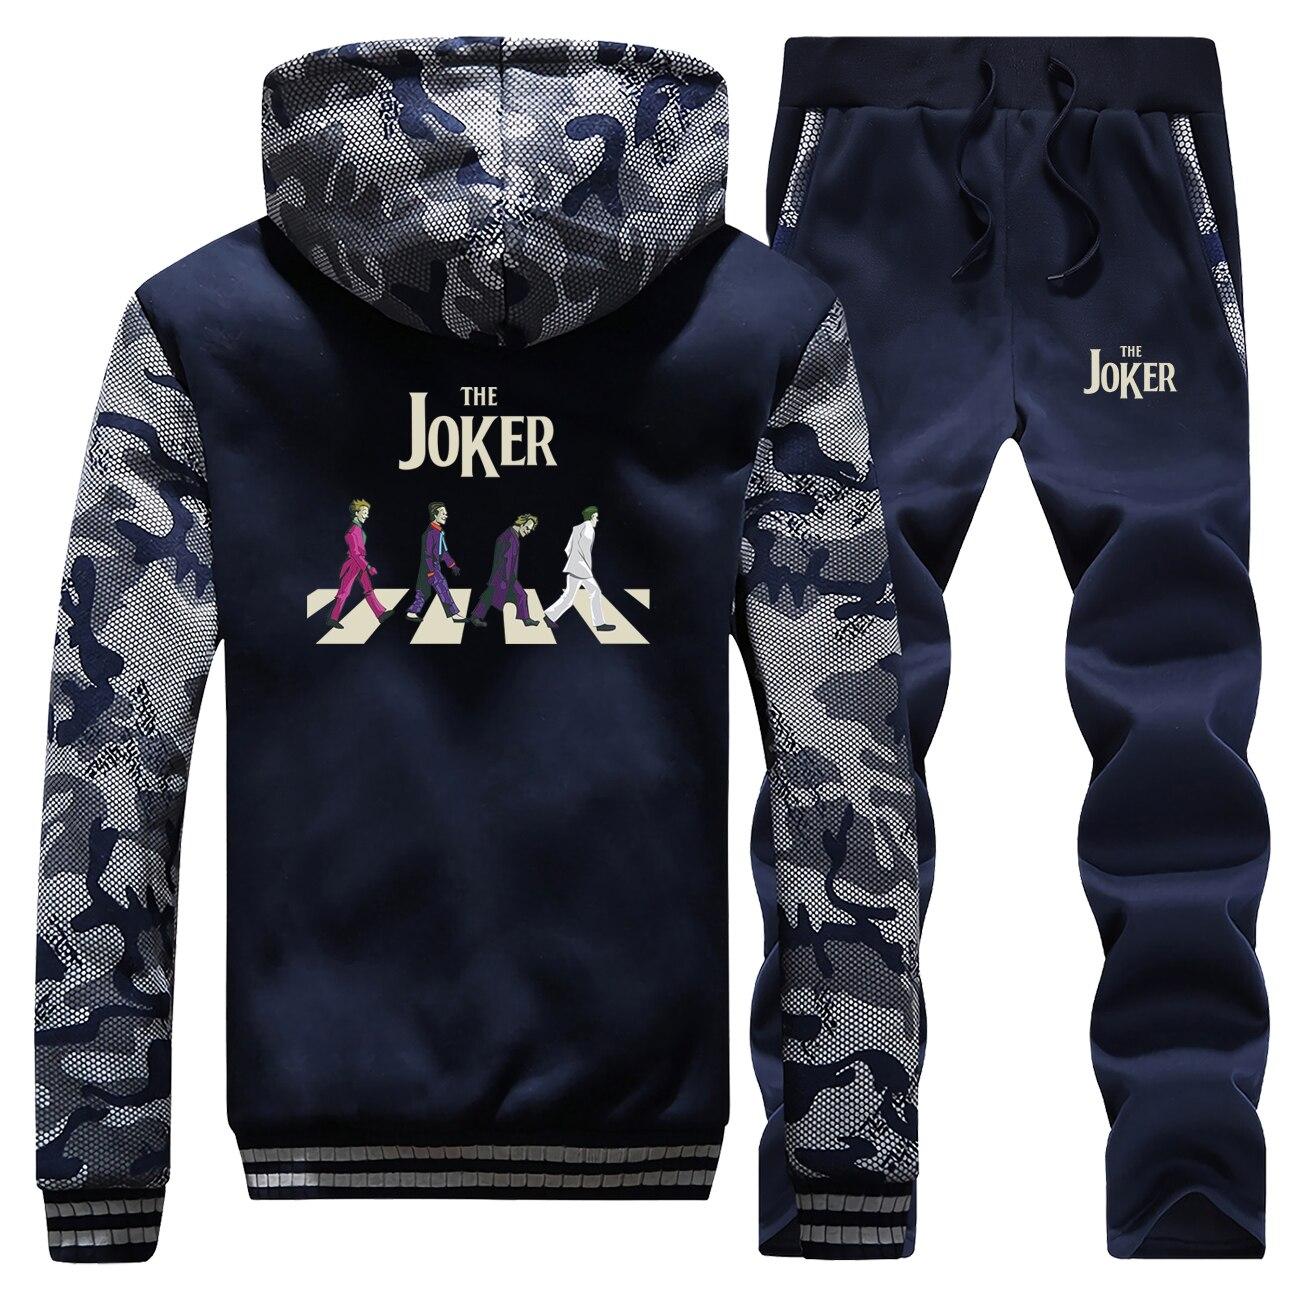 The Joker Eric Border Tracksuits Jacket Pant Set Men Villain Sportsuits Hoodies Sweatpant Sets Suit 2 PCS Camo Coat Sportswear